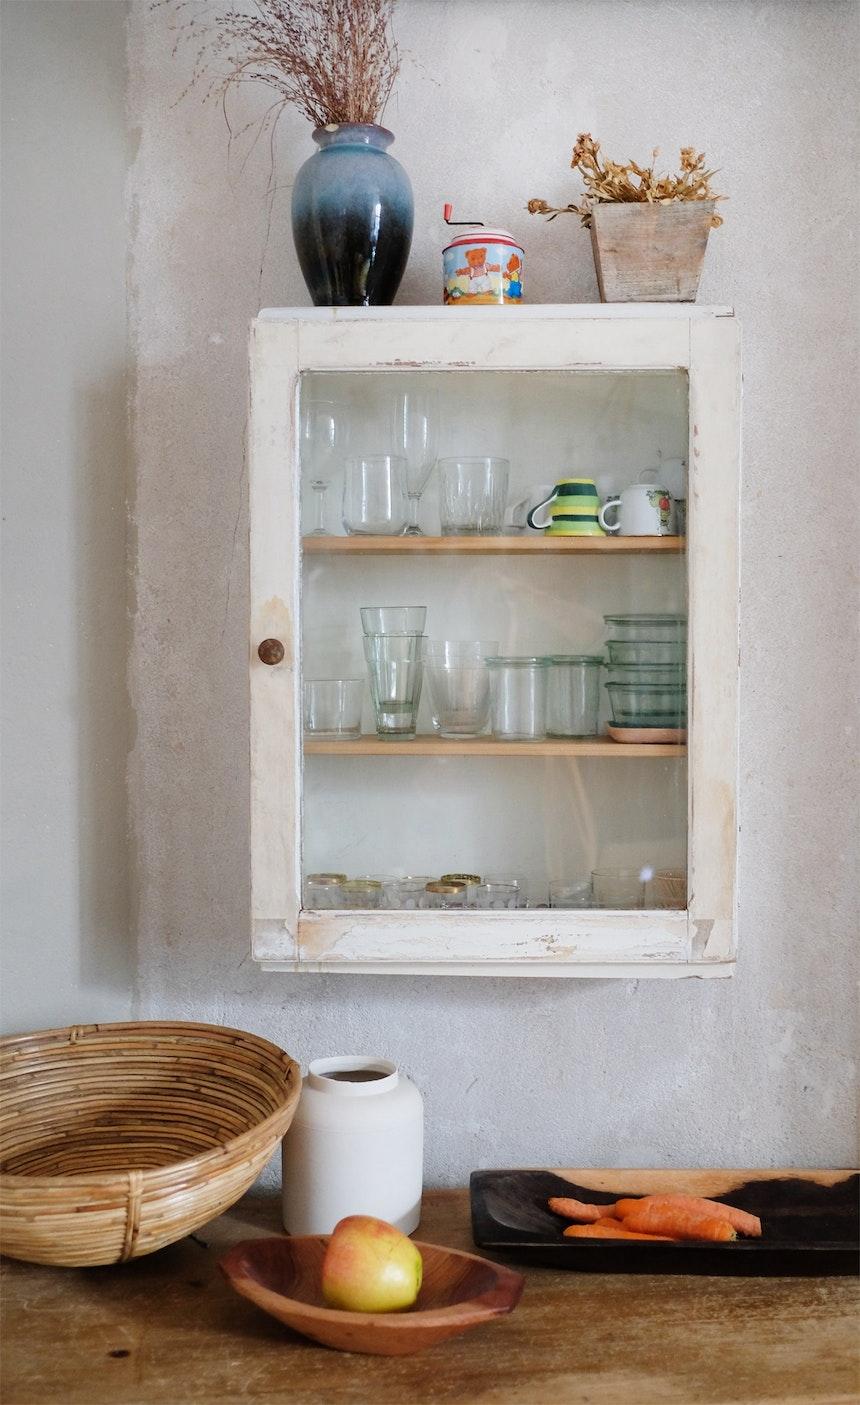 Küchen-Stilleben aus Flohmarktfund, unverputzter Wand und dekorativen Alltagsdingen